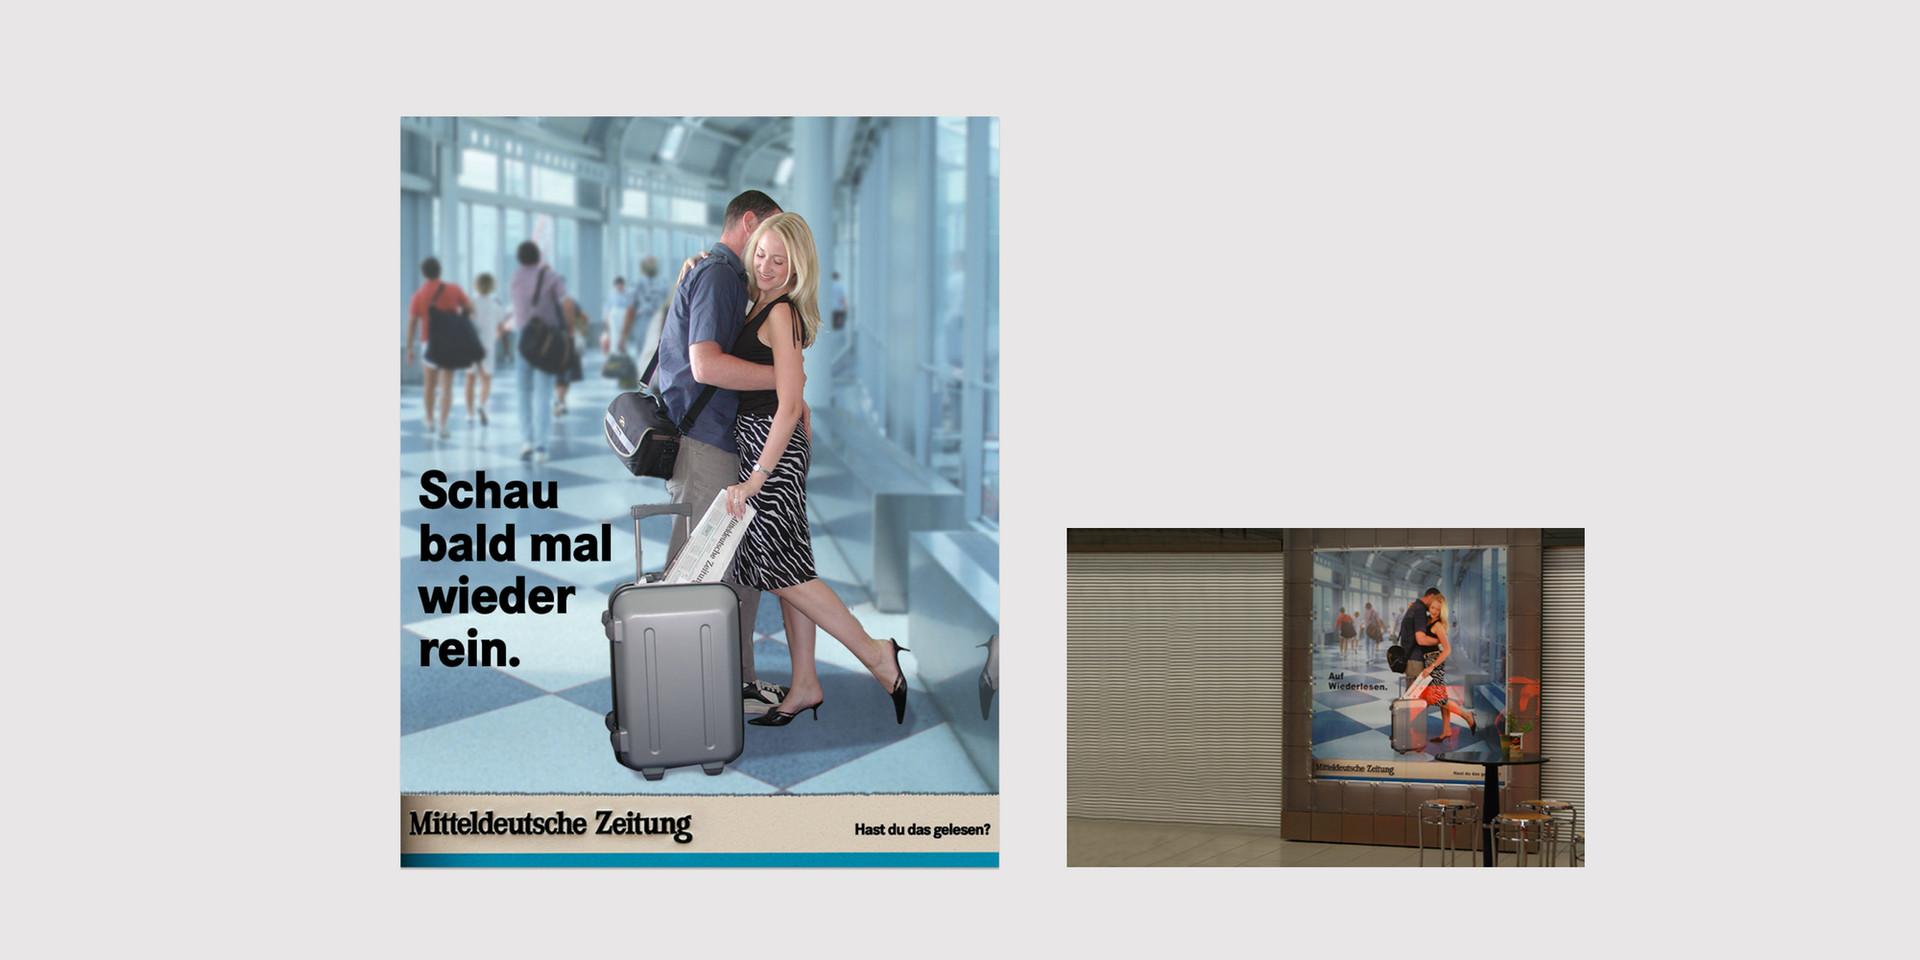 Plakat Mitteldeutsche Zeitung